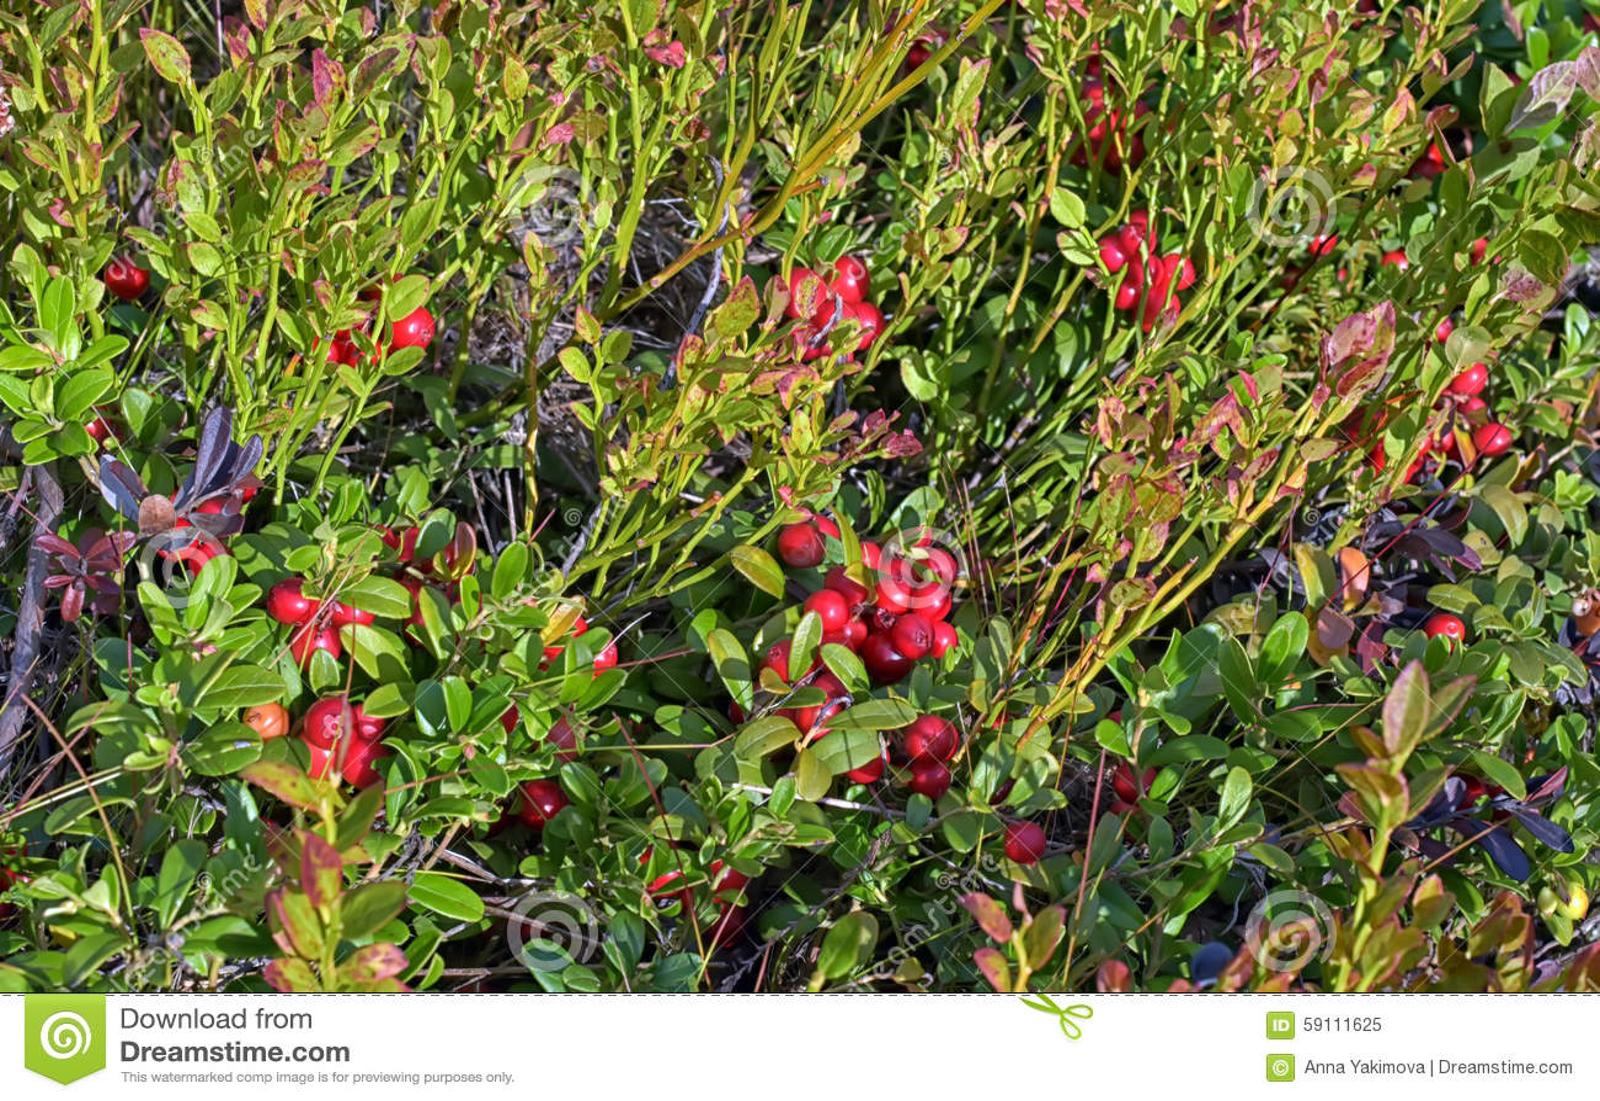 在灌木的蔓越桔